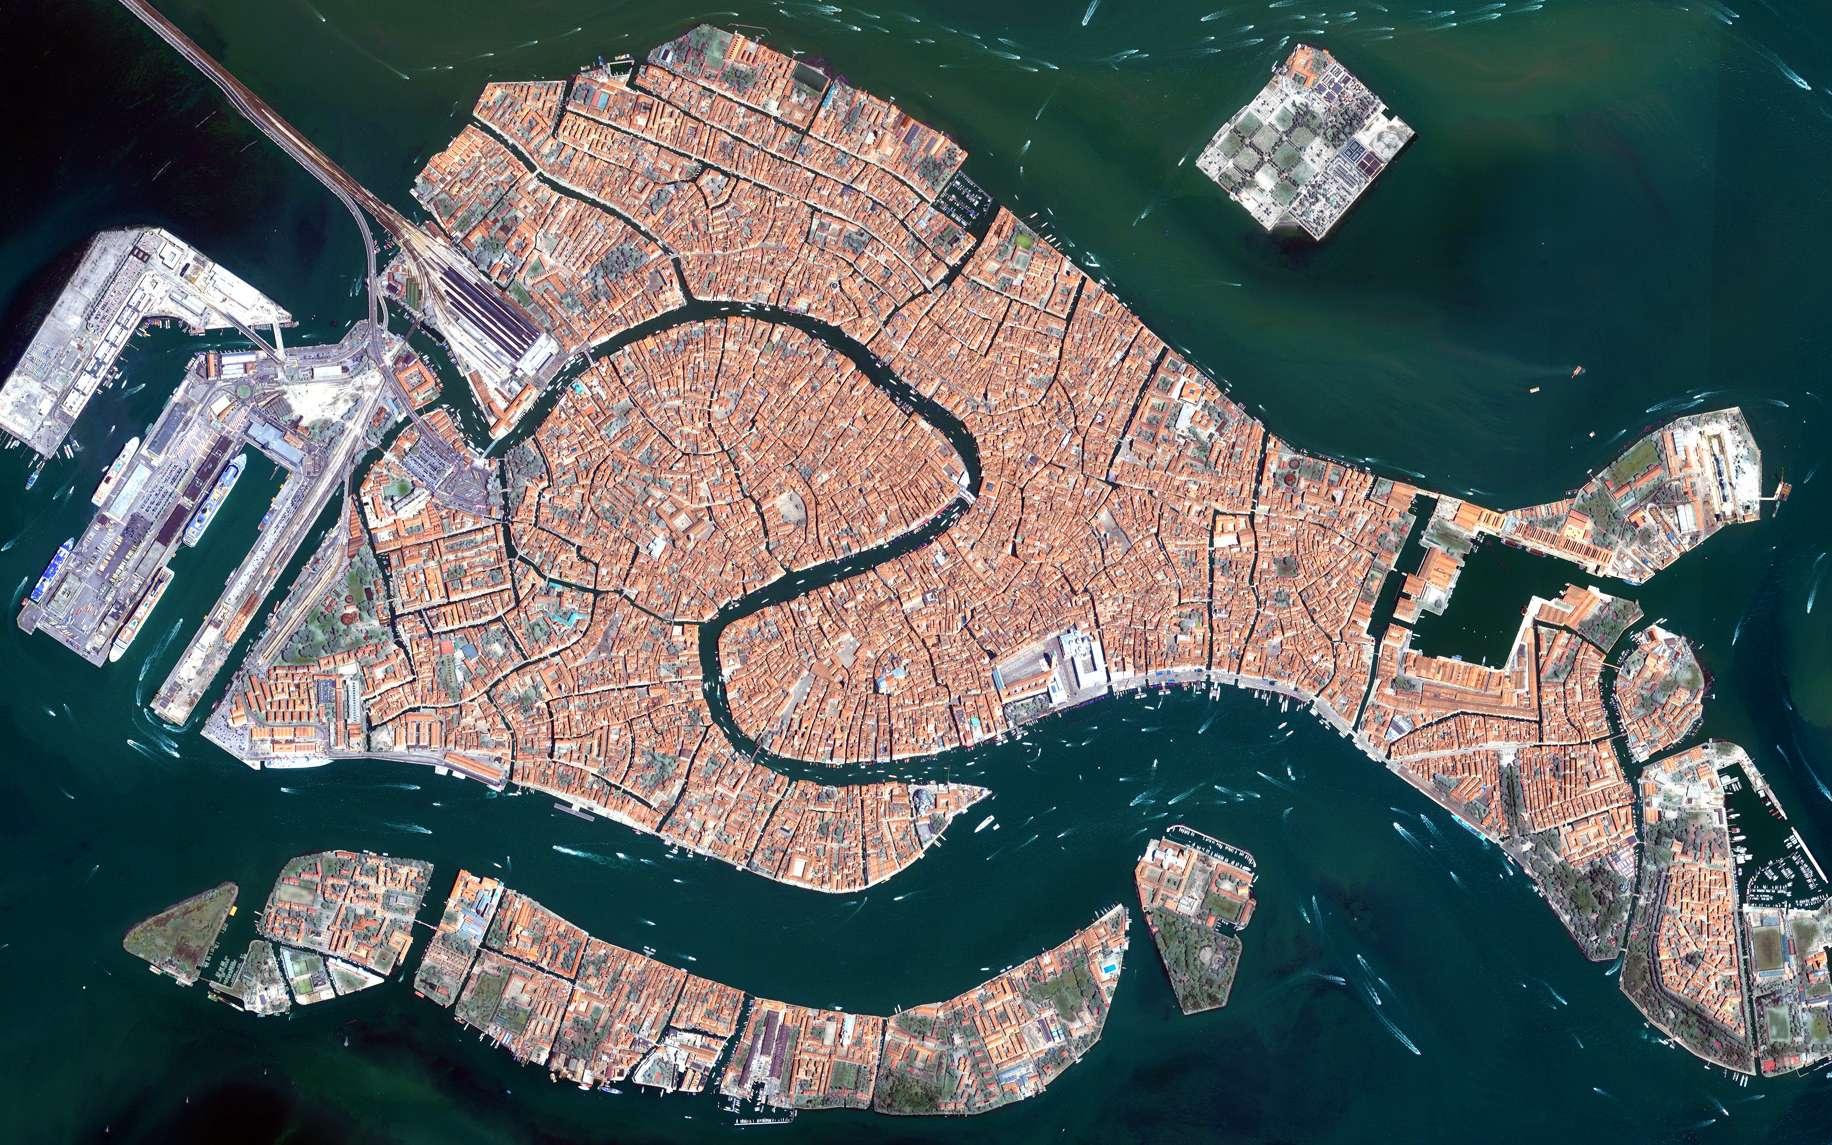 Cette image de Venise a été prise le 22 juin 2008 par Ikonos 2, un satellite commercial qui fournit des images à haute résolution en modes panchromatique et multispectral. © European Space Imaging (EUSI)